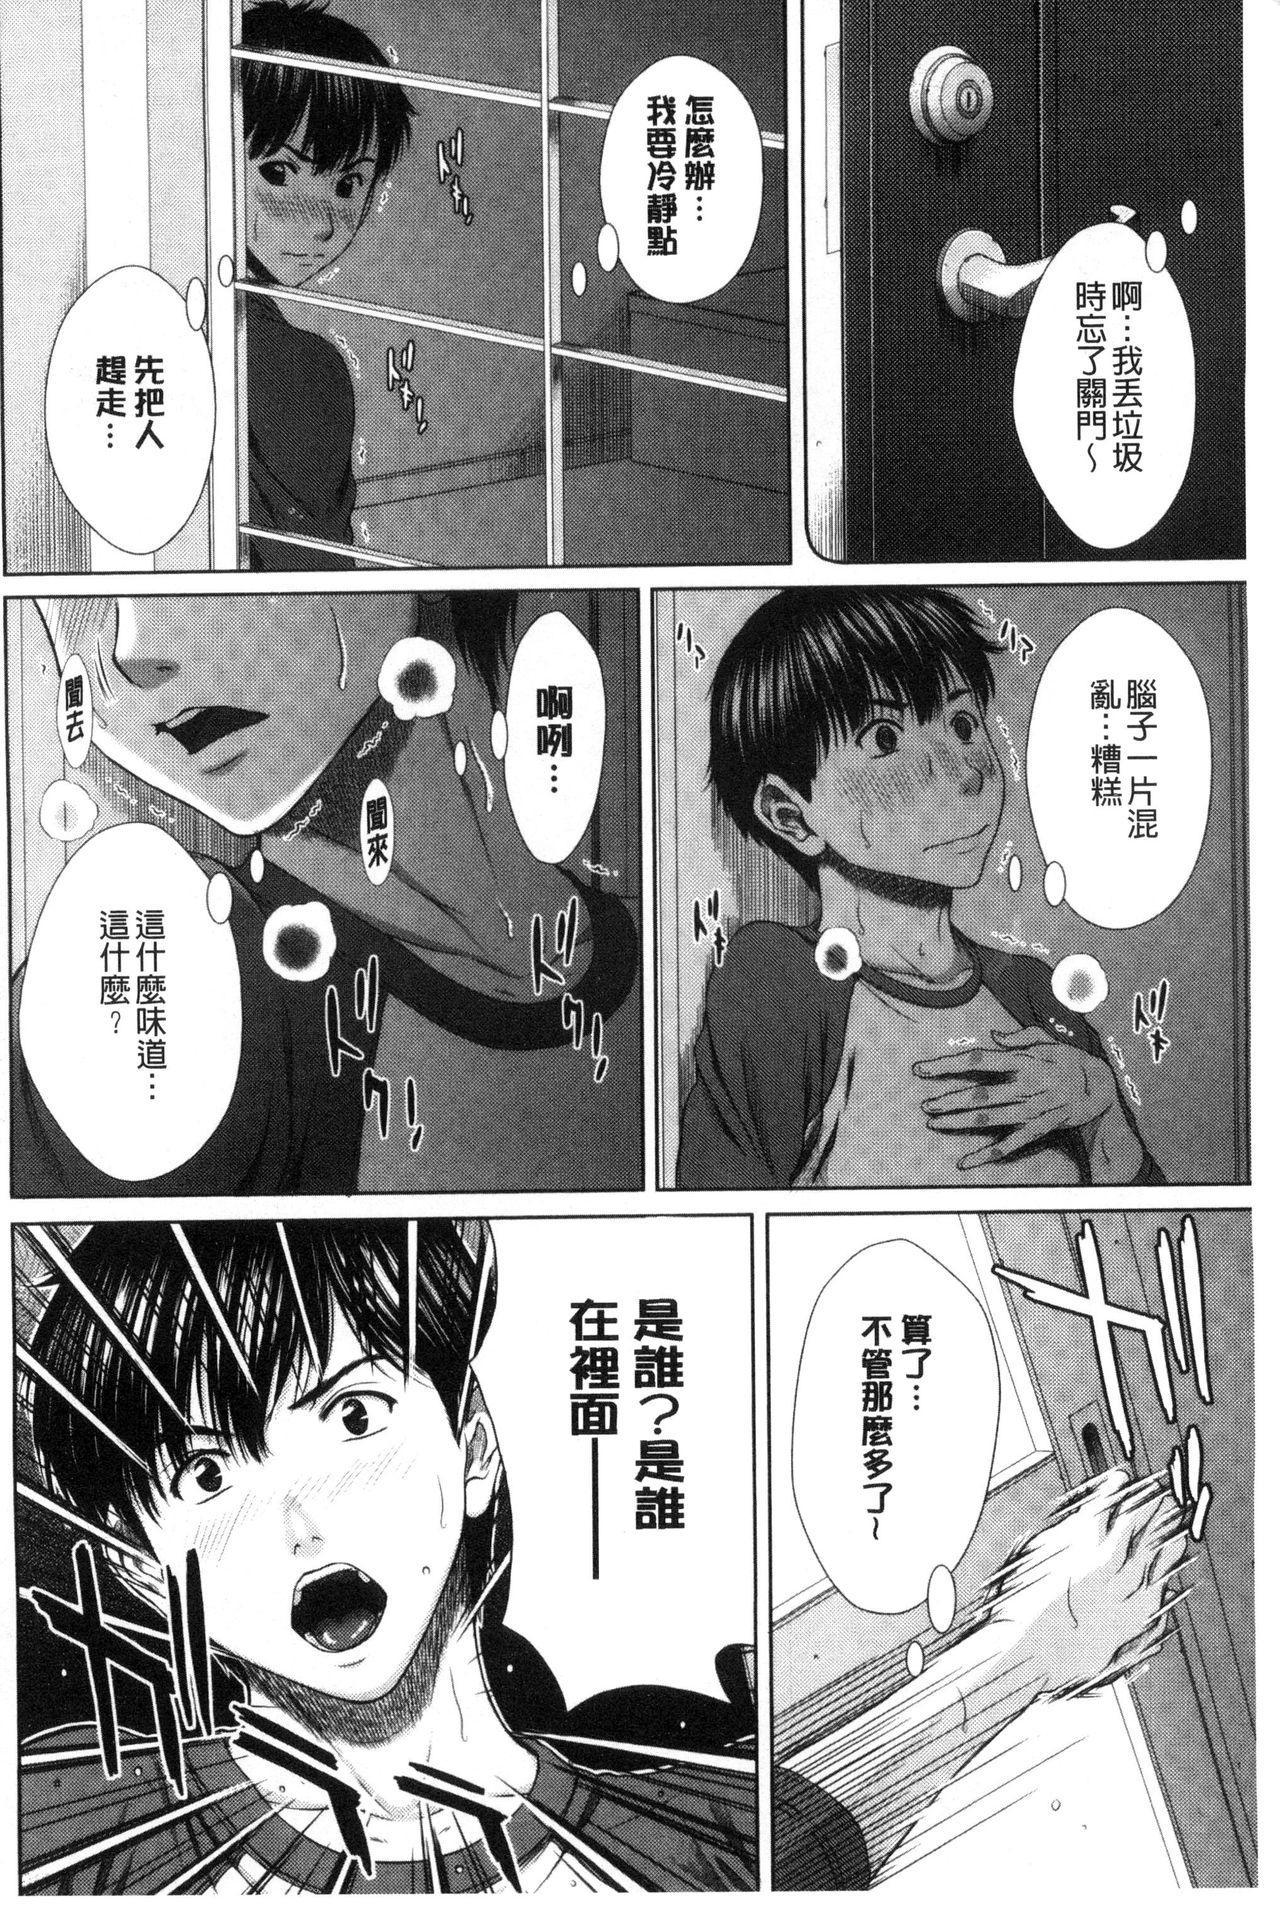 Mesukano Inbina Mesu Kanojotachi To No Hibi 6